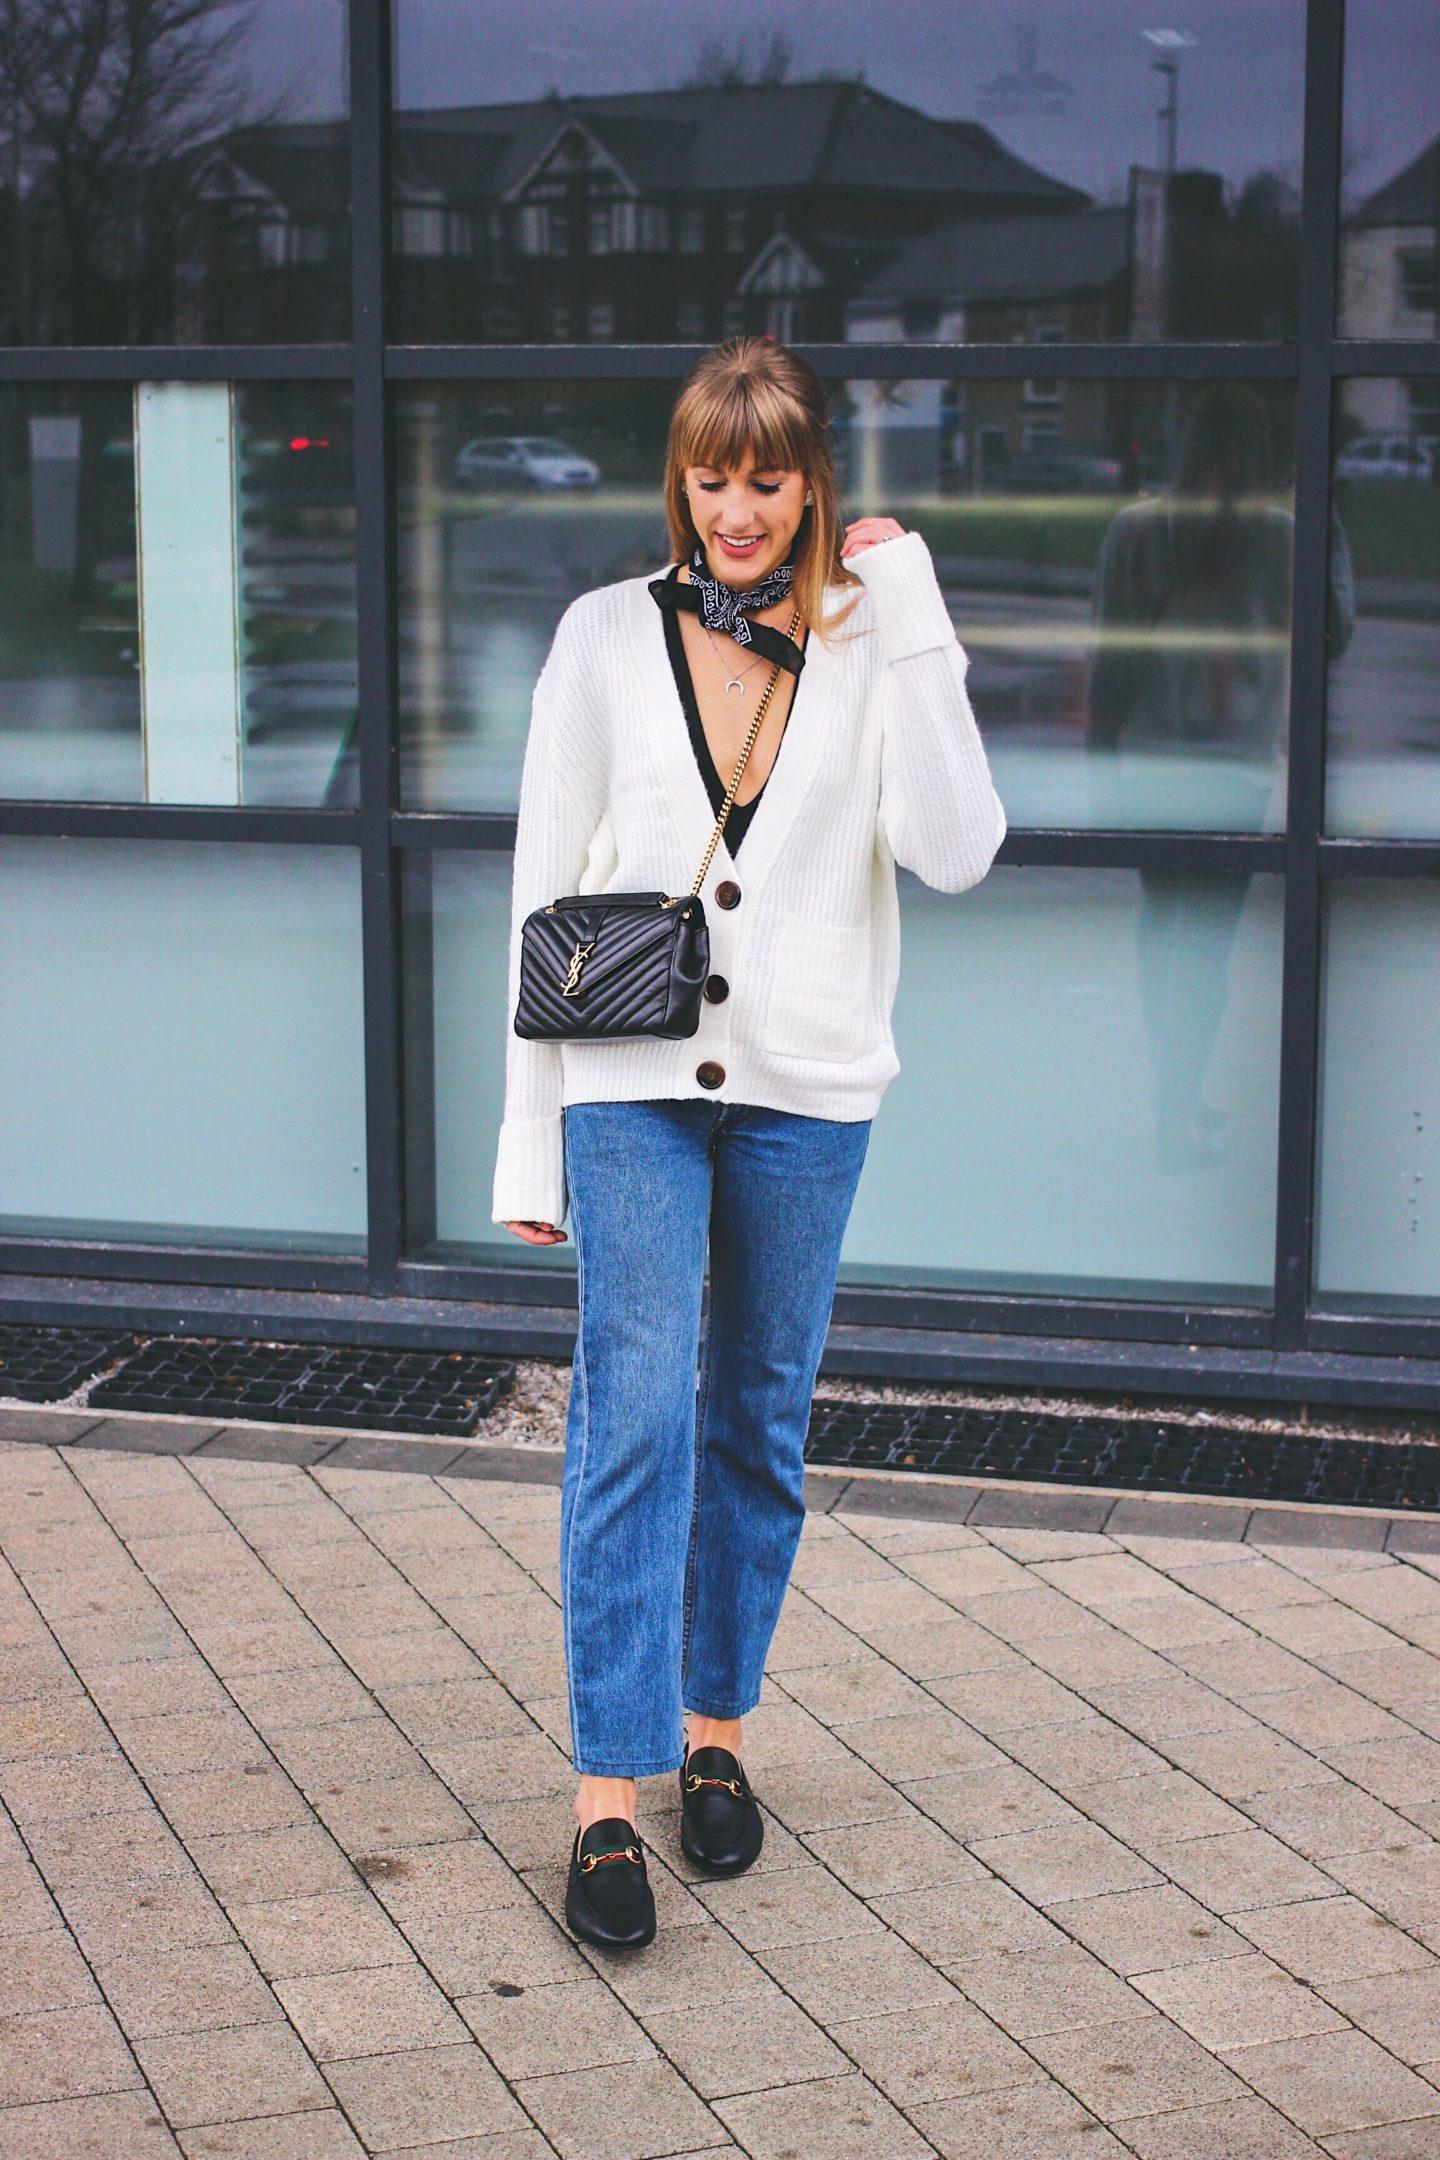 cardigan street style inspiration on UK style blogger